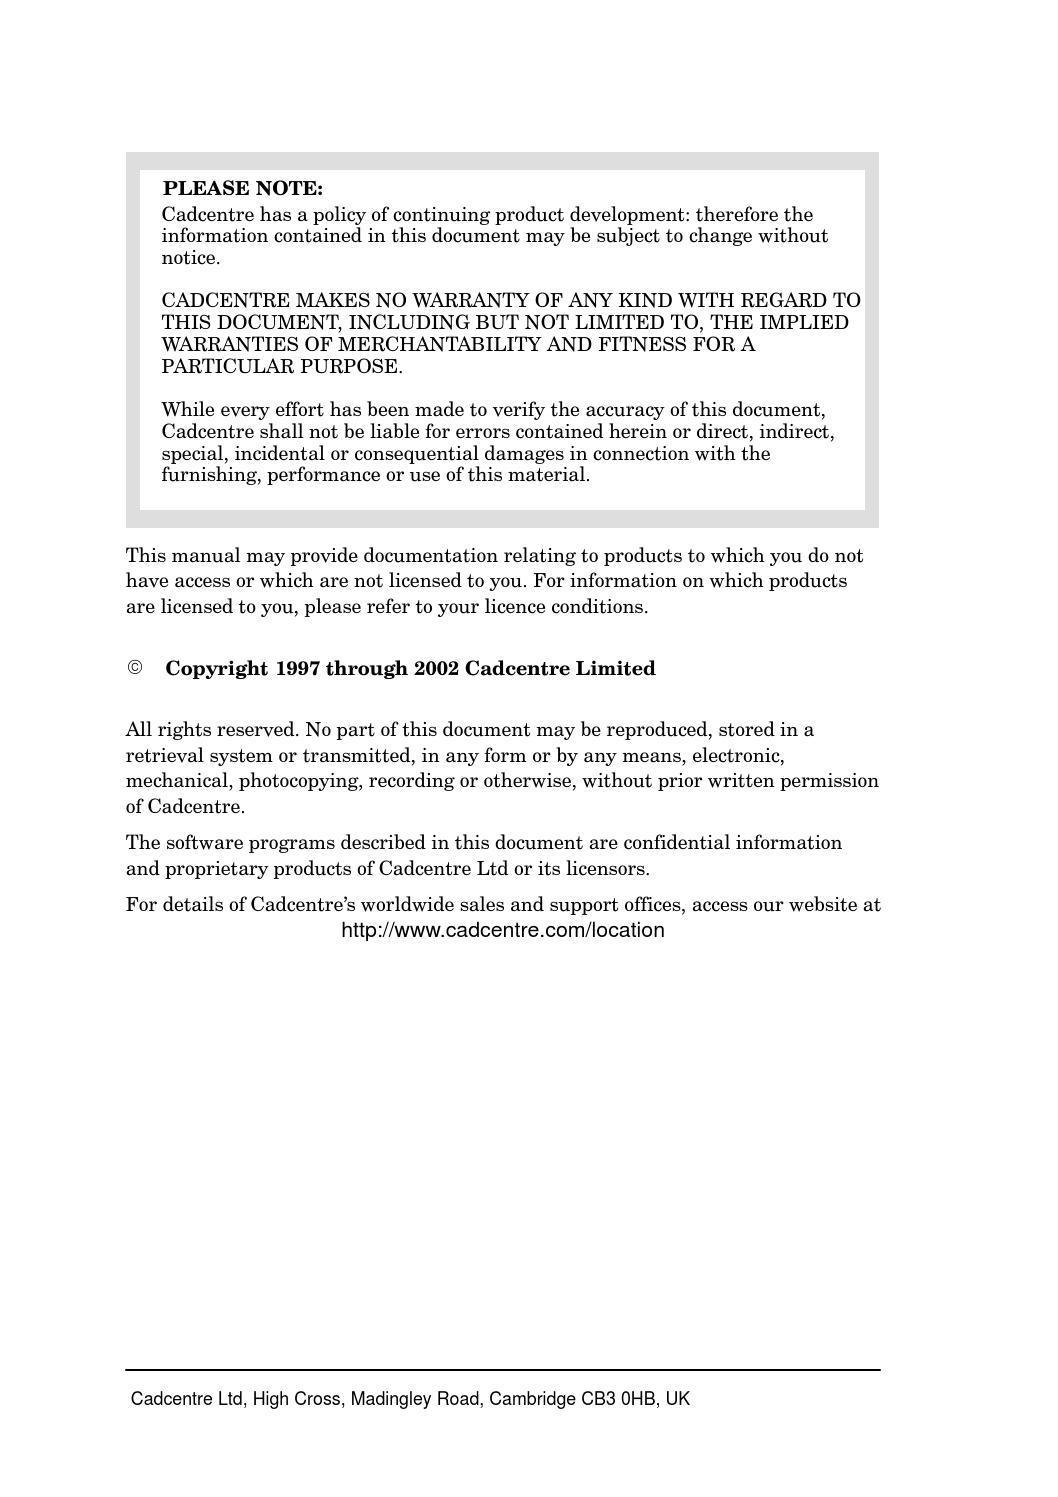 Sym symphony sr 150 service manual pdf